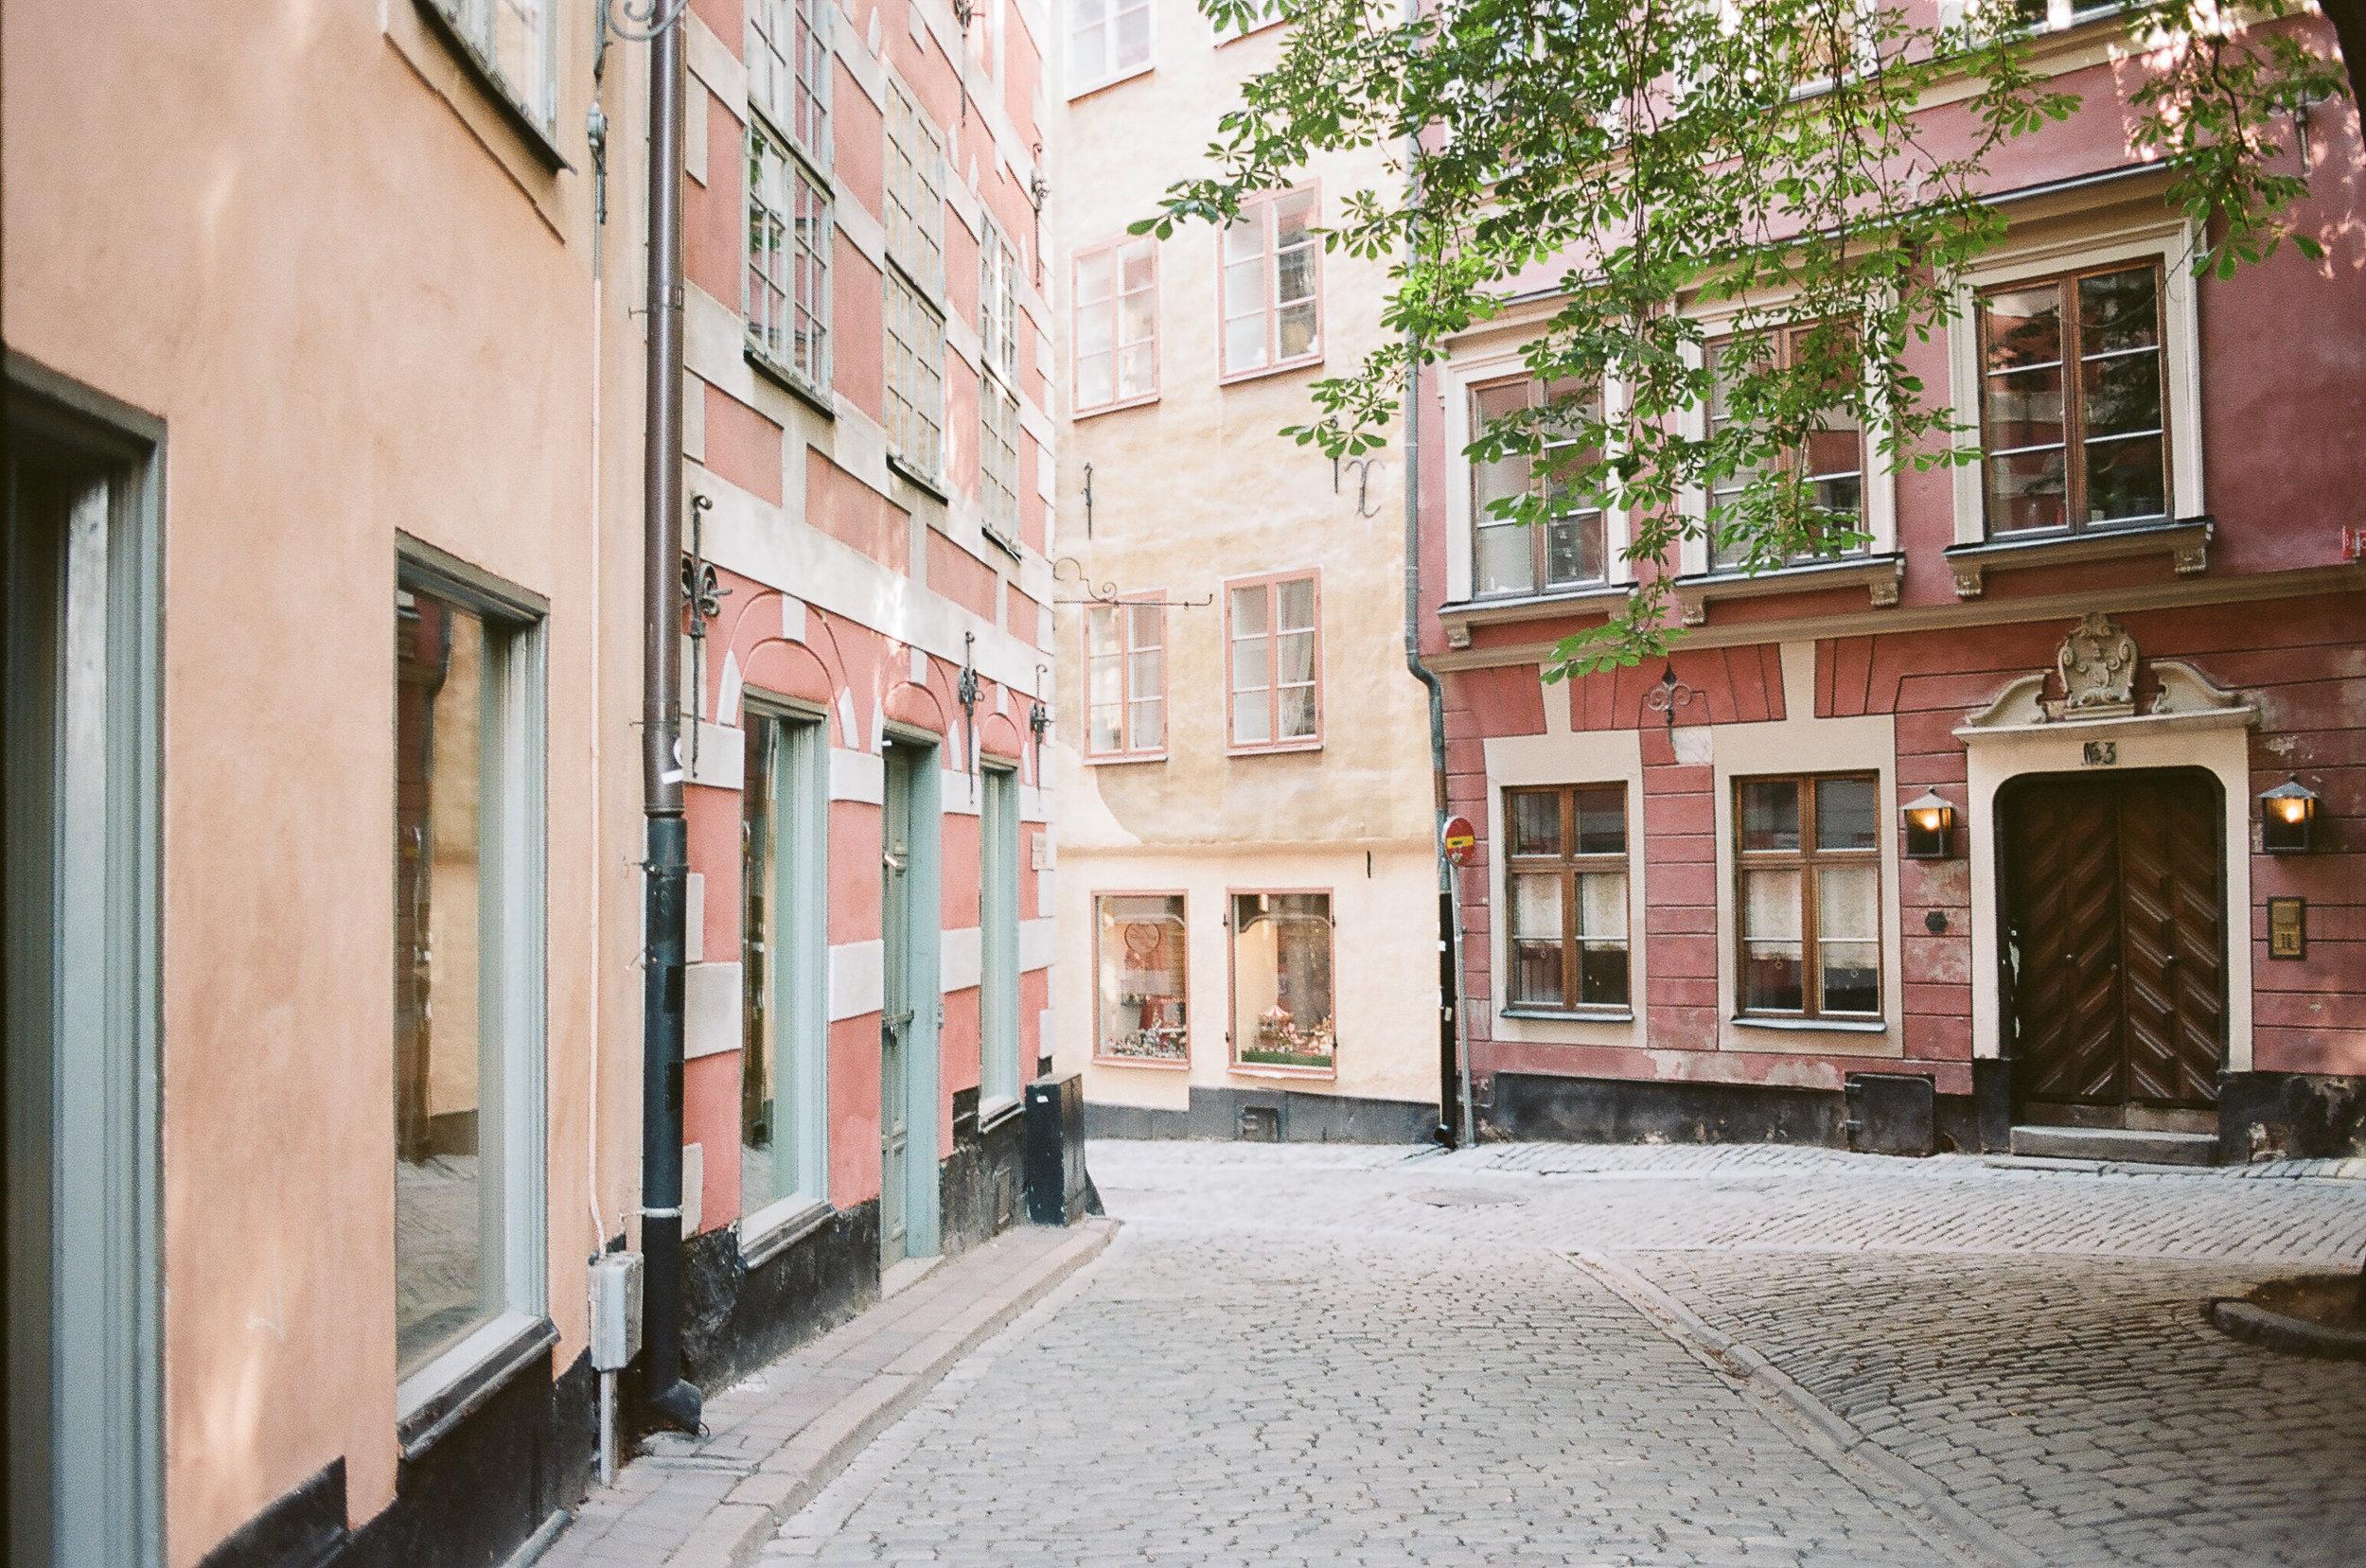 Stockholmen, Sweden